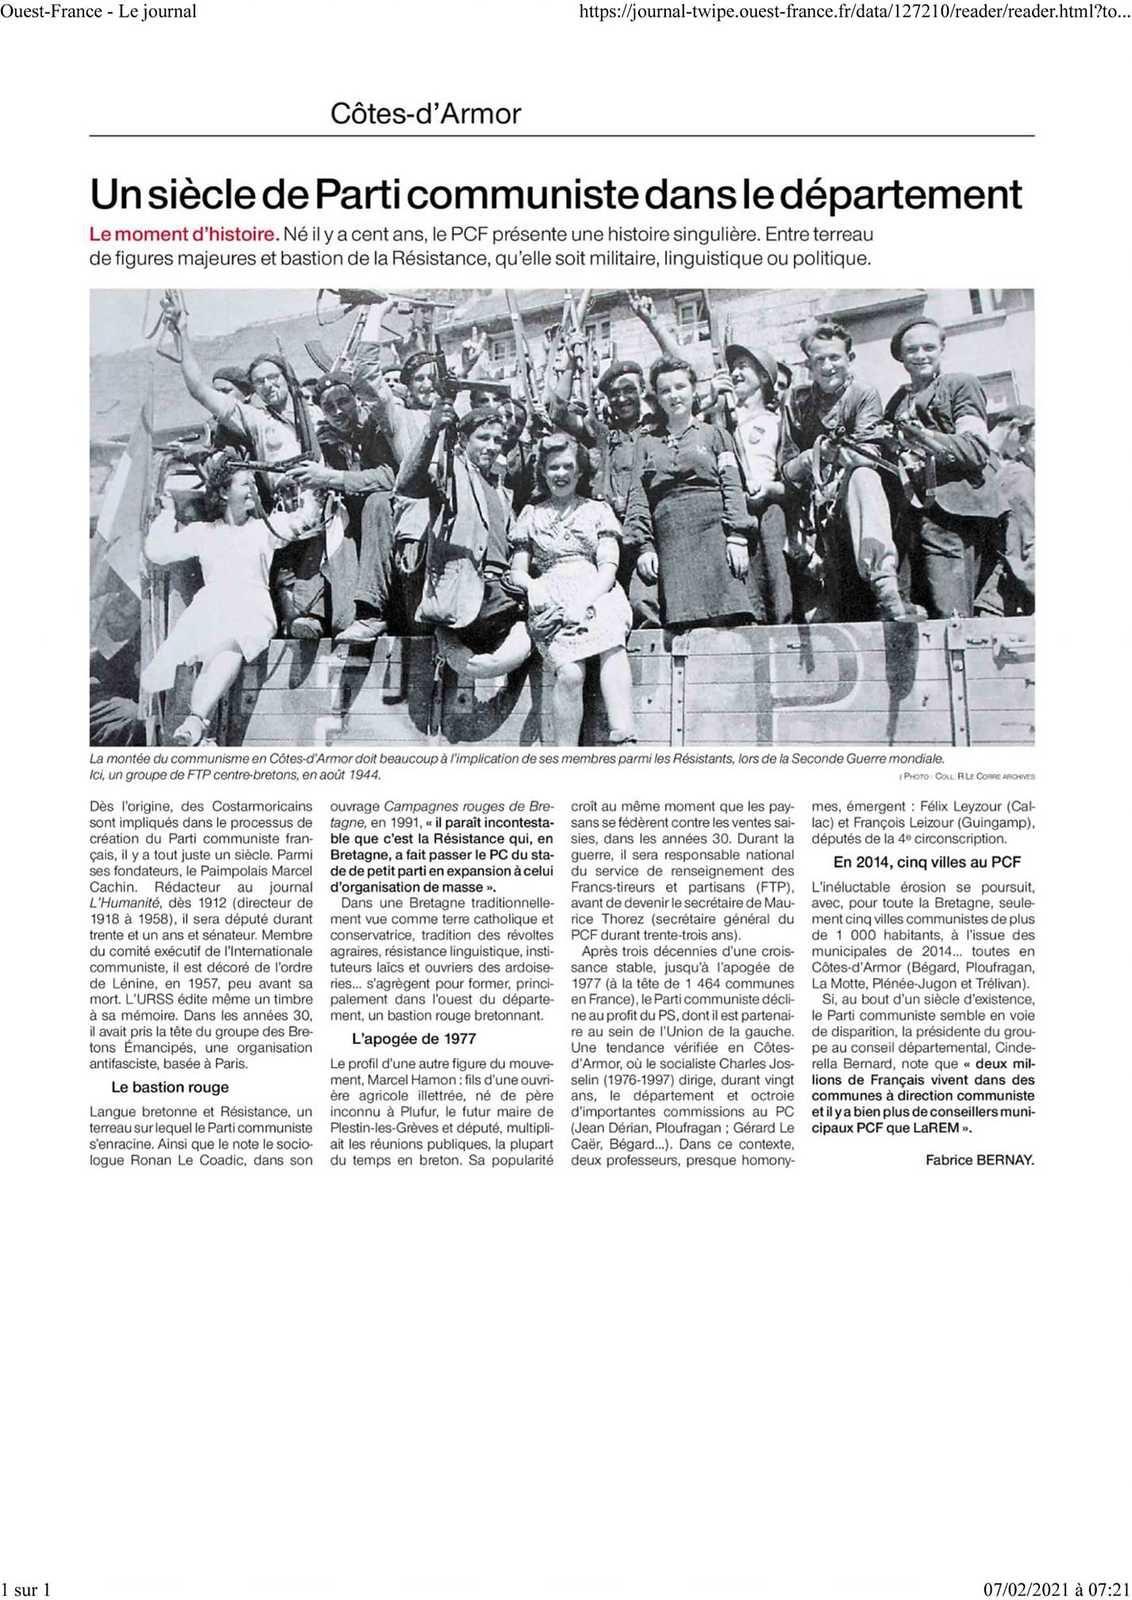 Ouest-France, 7 février 2021 - Bel article dans le Ouest-France de dimanche: un siècle de communisme dans les Cotes d'Armor. Et l'histoire continue de d'écrire dans un département ou les communistes ont encore une influence électorale et une implantation réelles.